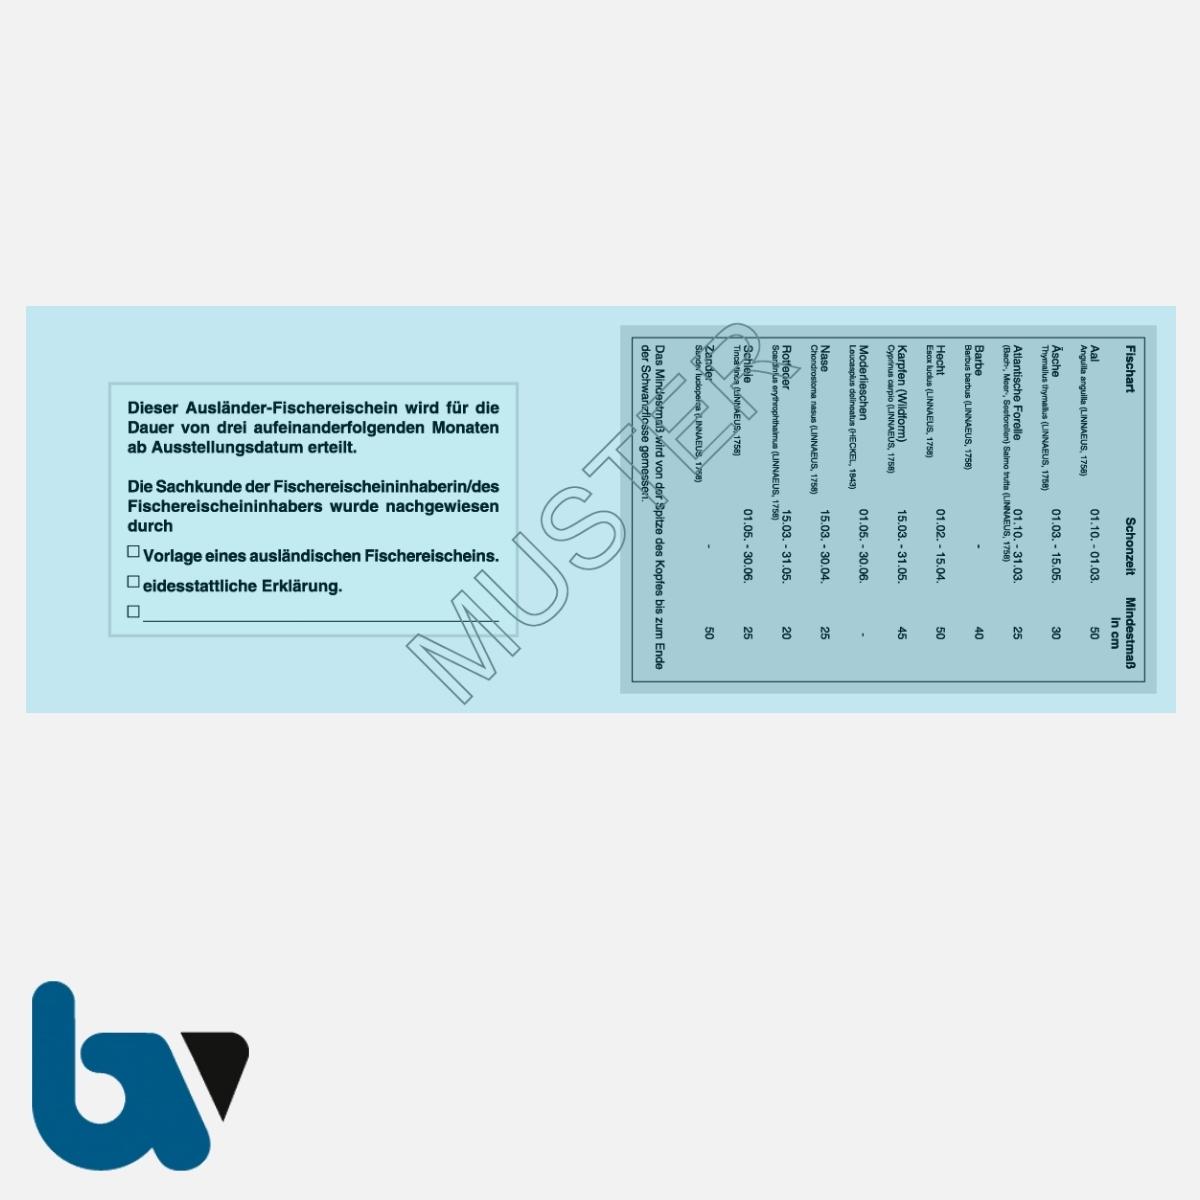 3/456-6 Ausländerfischereischein Hessen blau Neobond Muster RS   Borgard Verlag GmbH